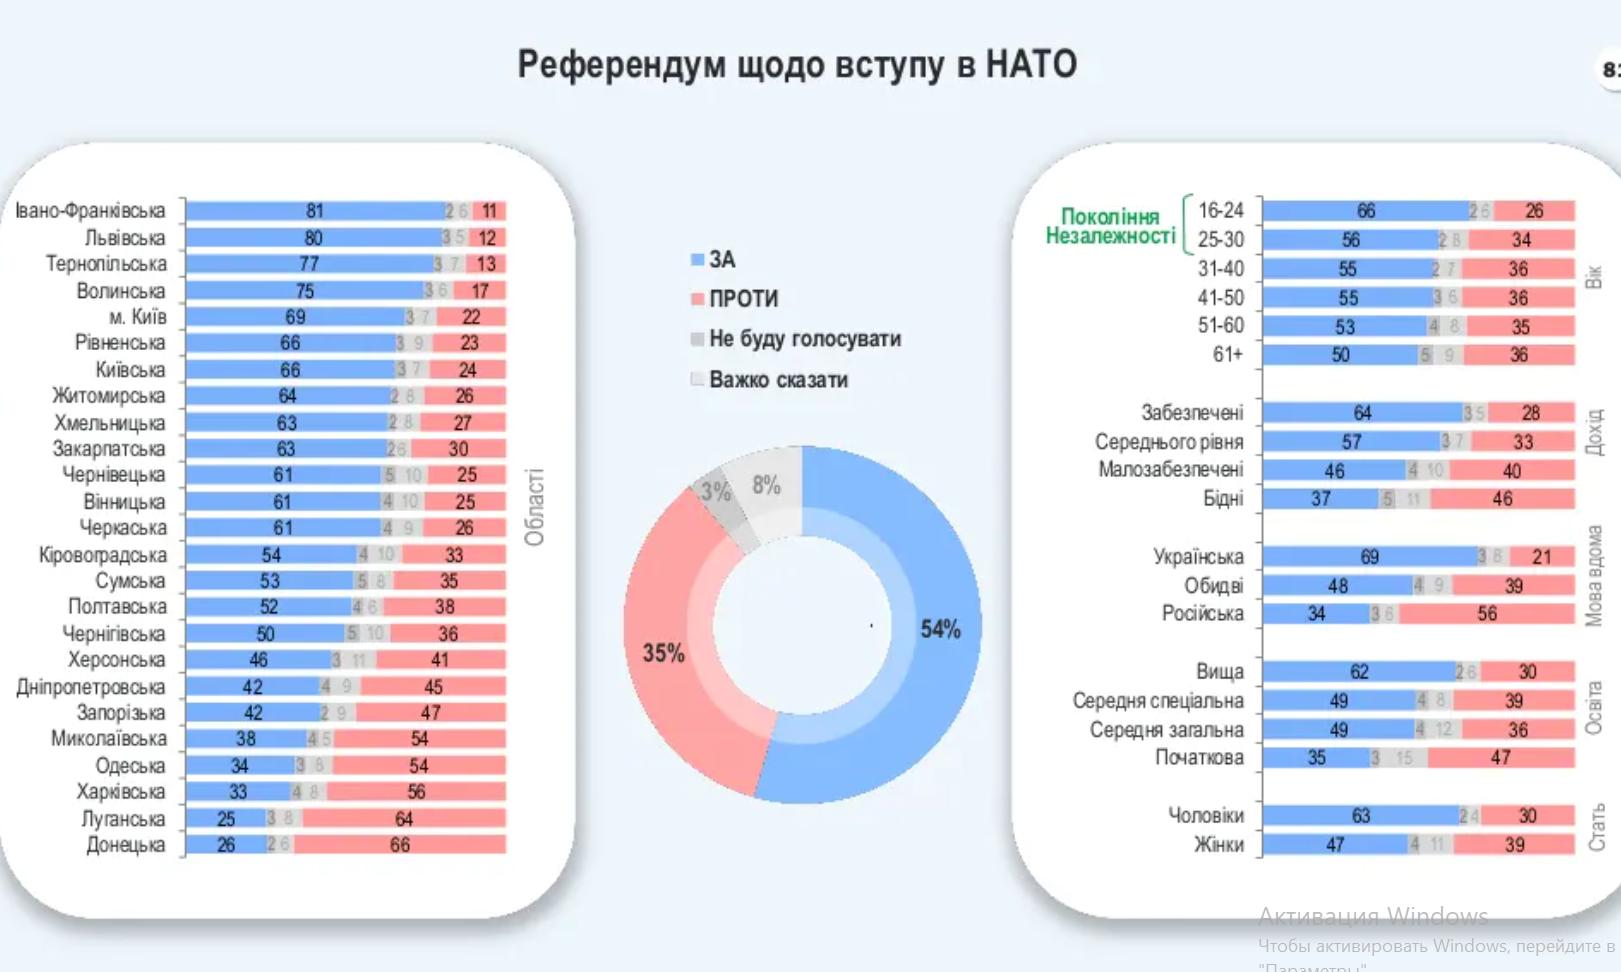 Украинцы поддержат на референдуме вступление в ЕС и НАТО – опрос Рейтинга